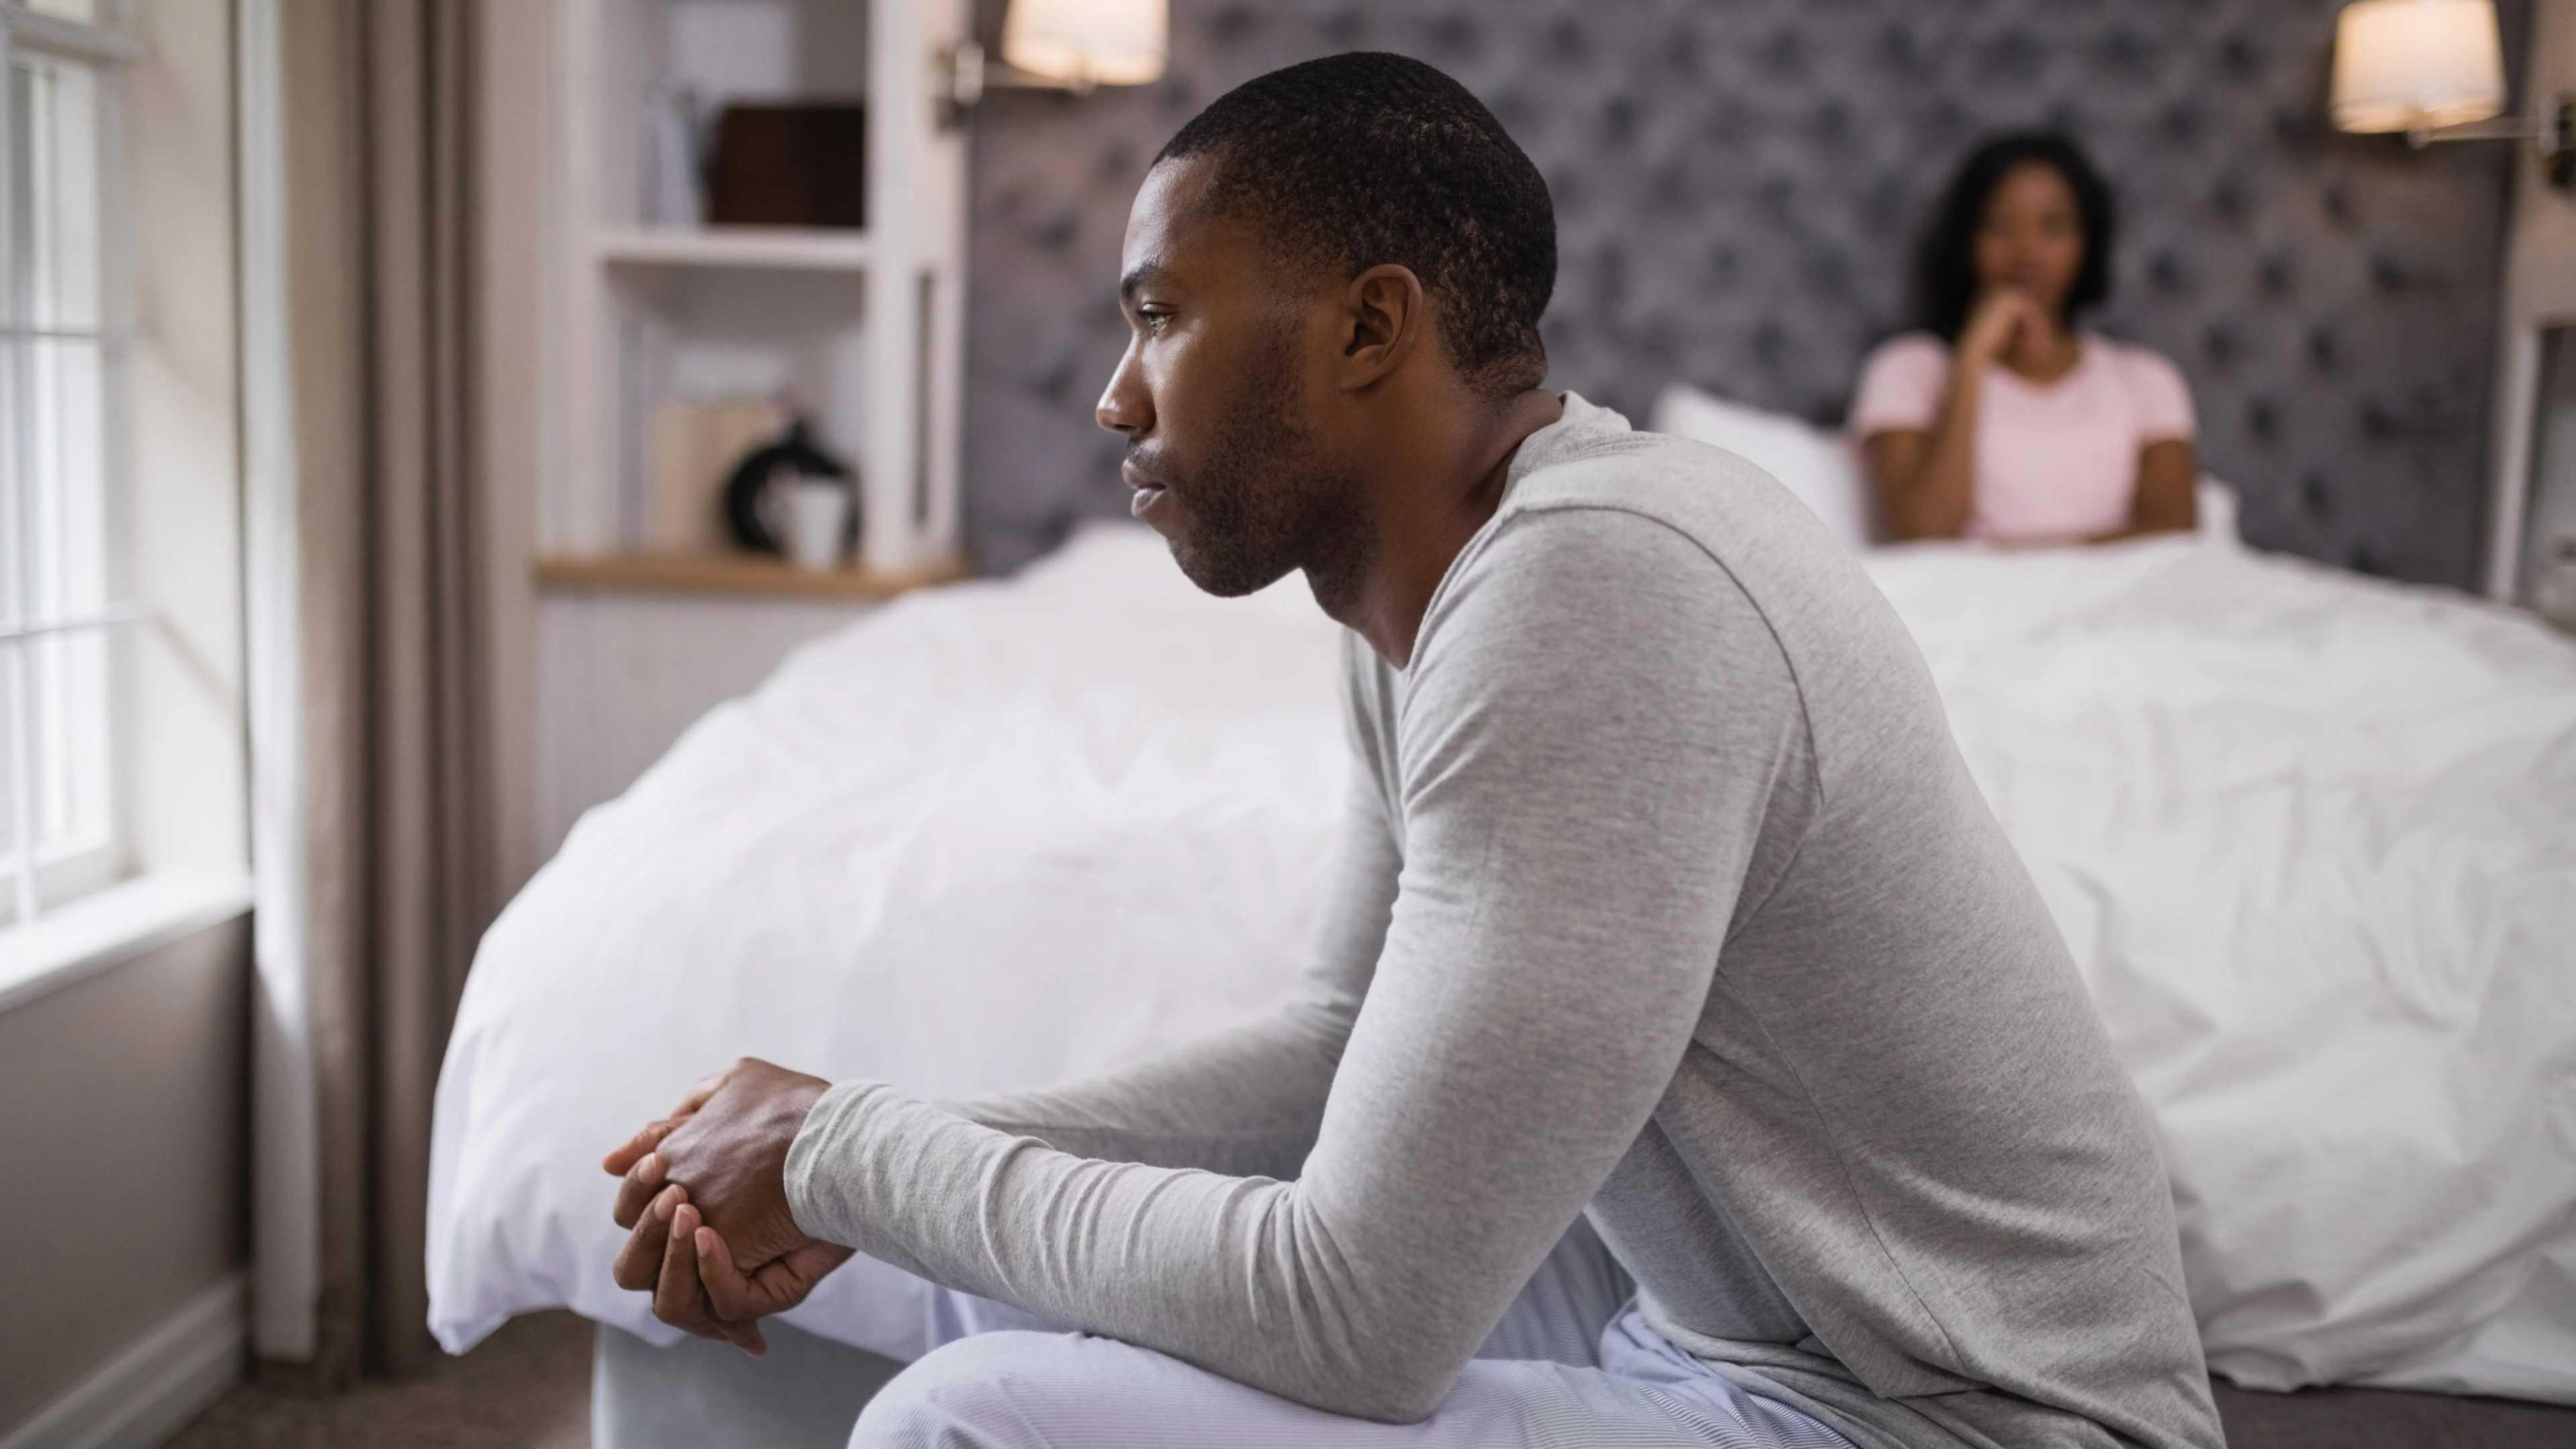 Потеря обоняния привела к депрессии и сексуальной неудовлетворенности